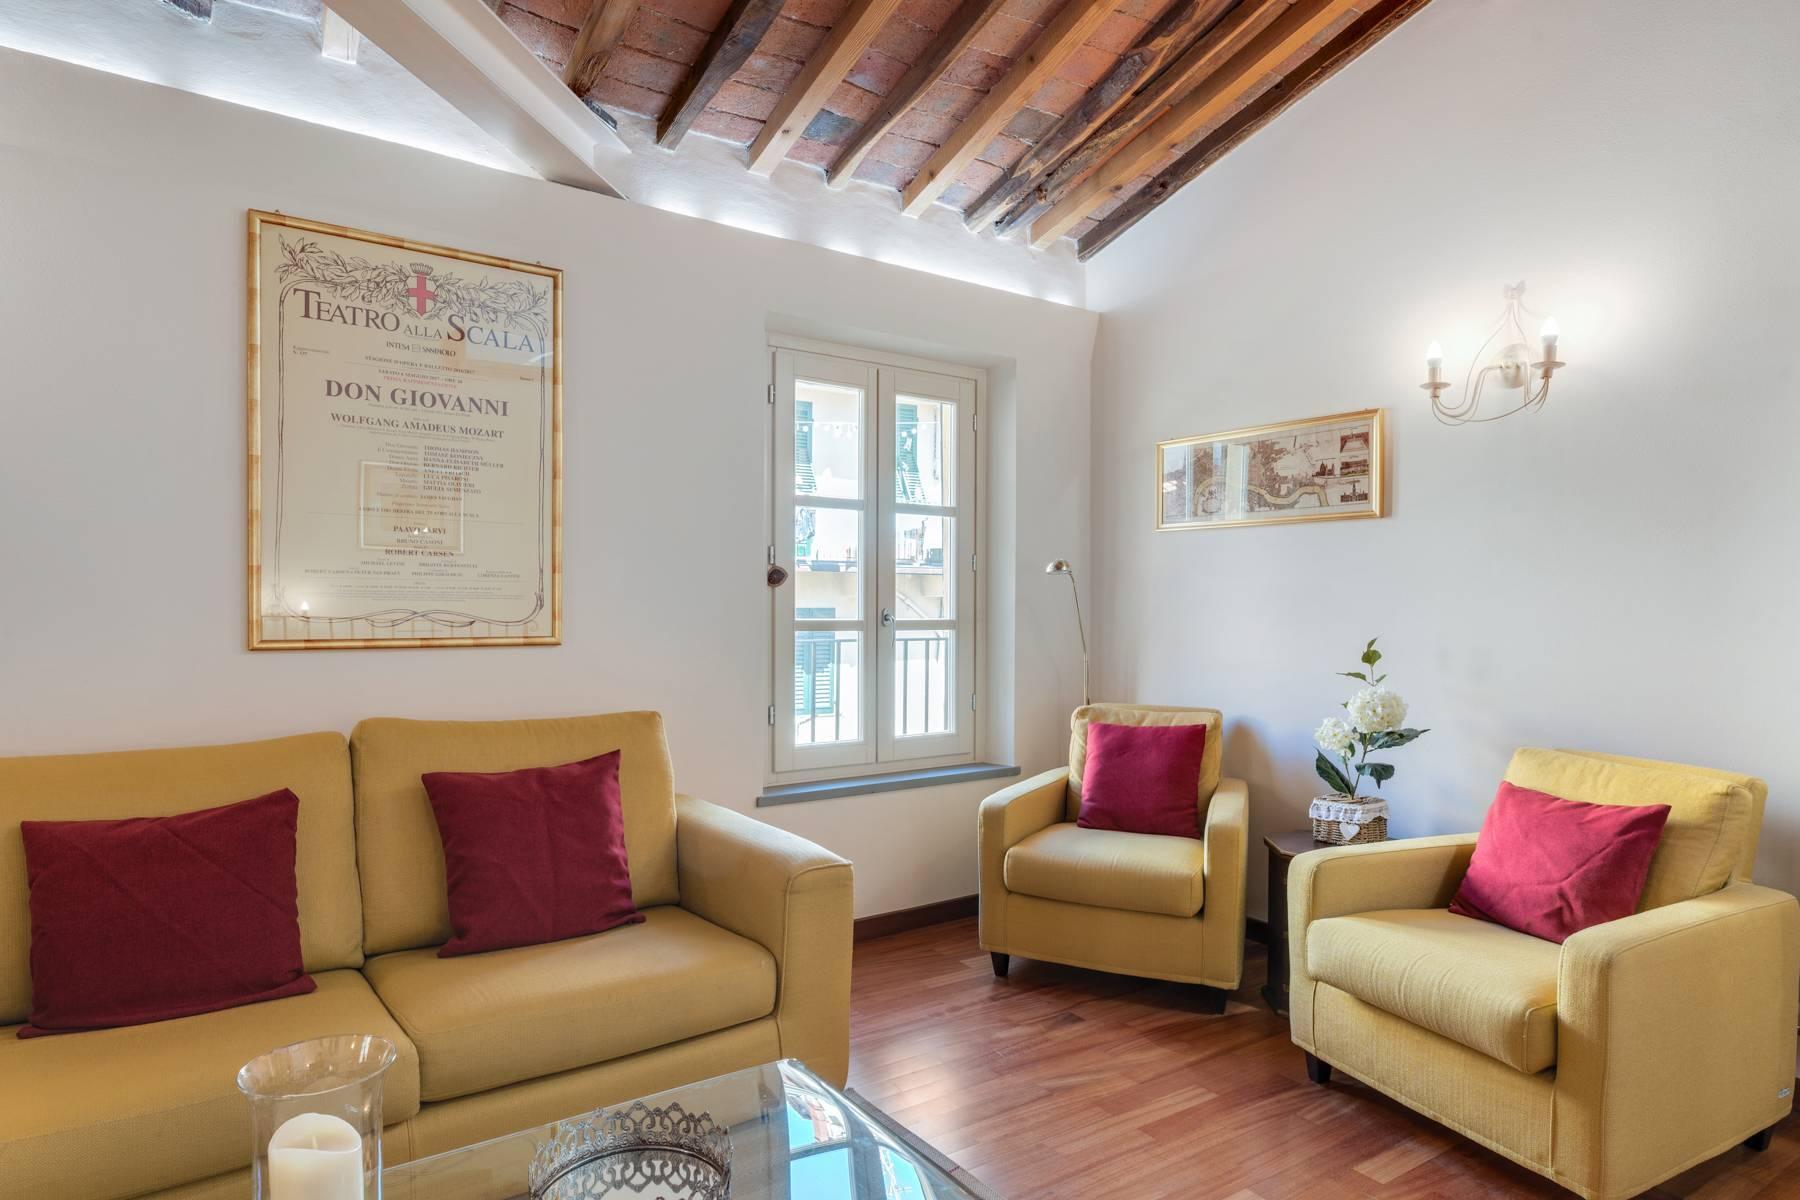 Grazioso appartamento indipendente nel cuore di Lucca - 4